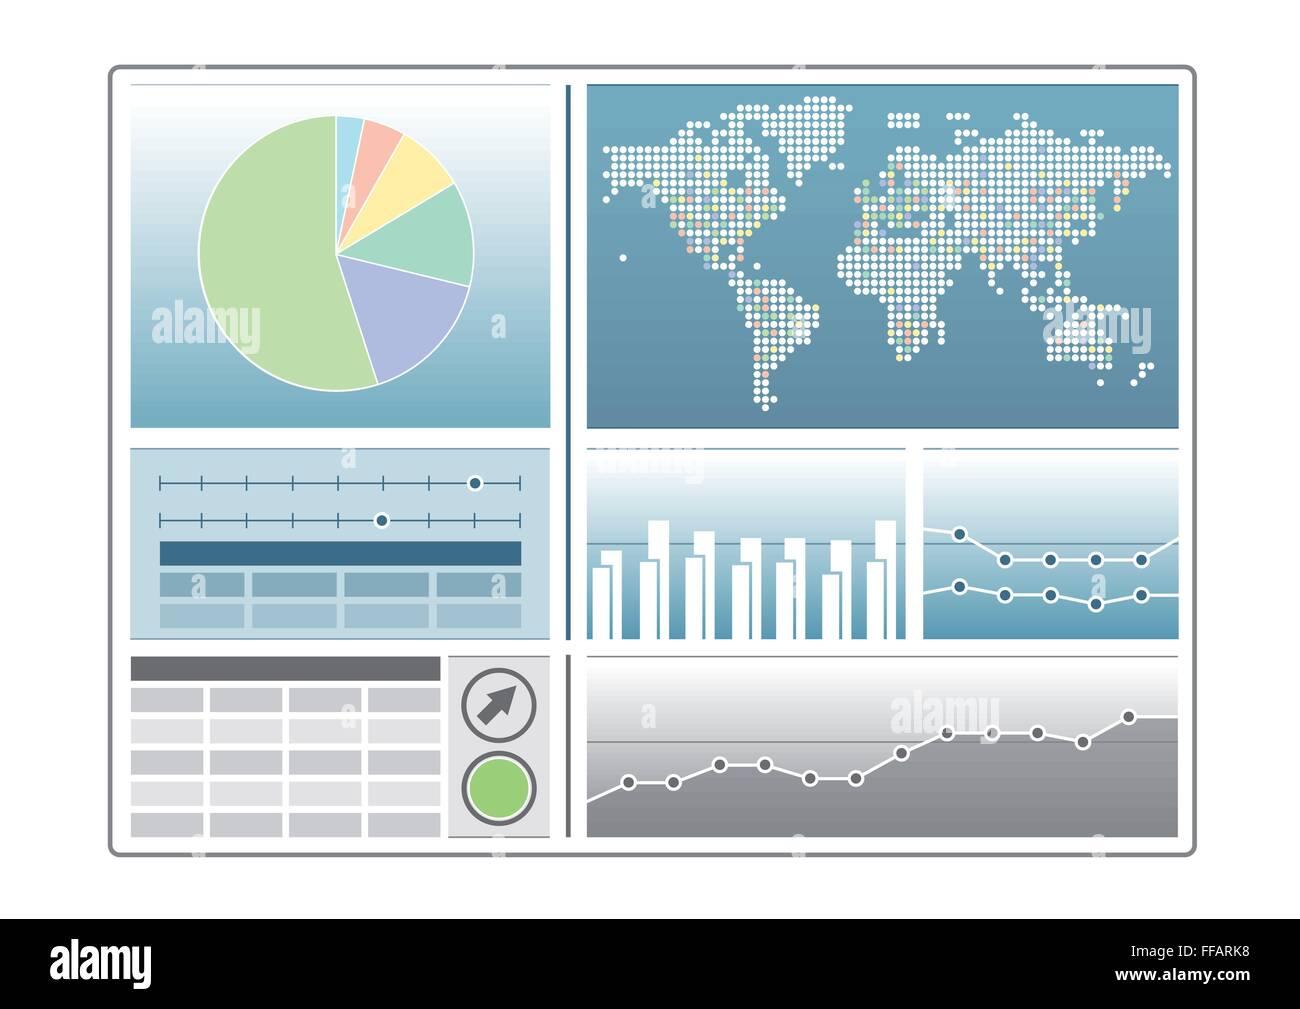 Kpis Imágenes De Stock & Kpis Fotos De Stock - Alamy